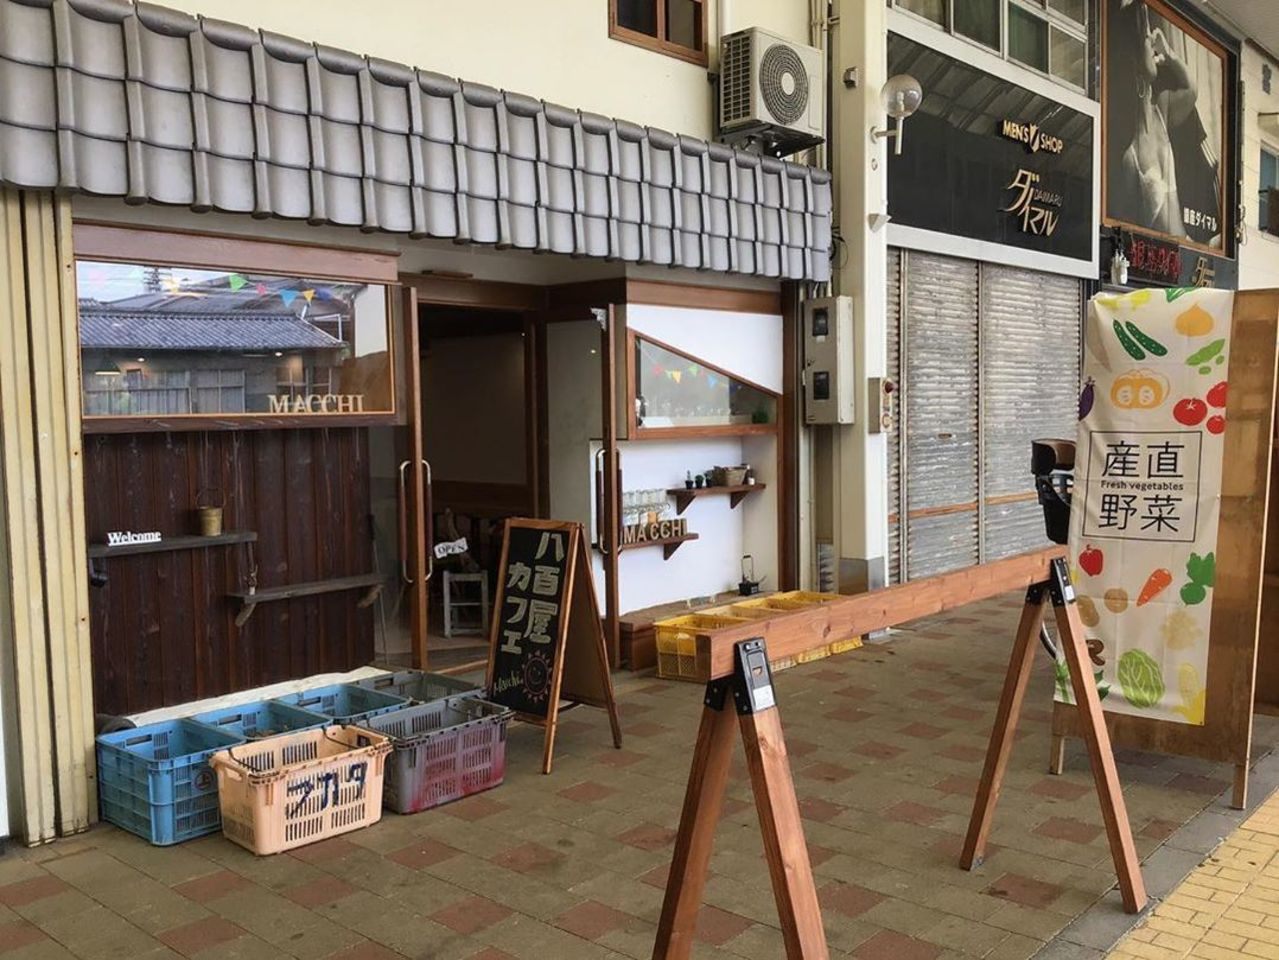 愛媛県今治市常盤町2丁目に「八百屋カフェMACCHI」が7/3リニューアルオープンされたようです。